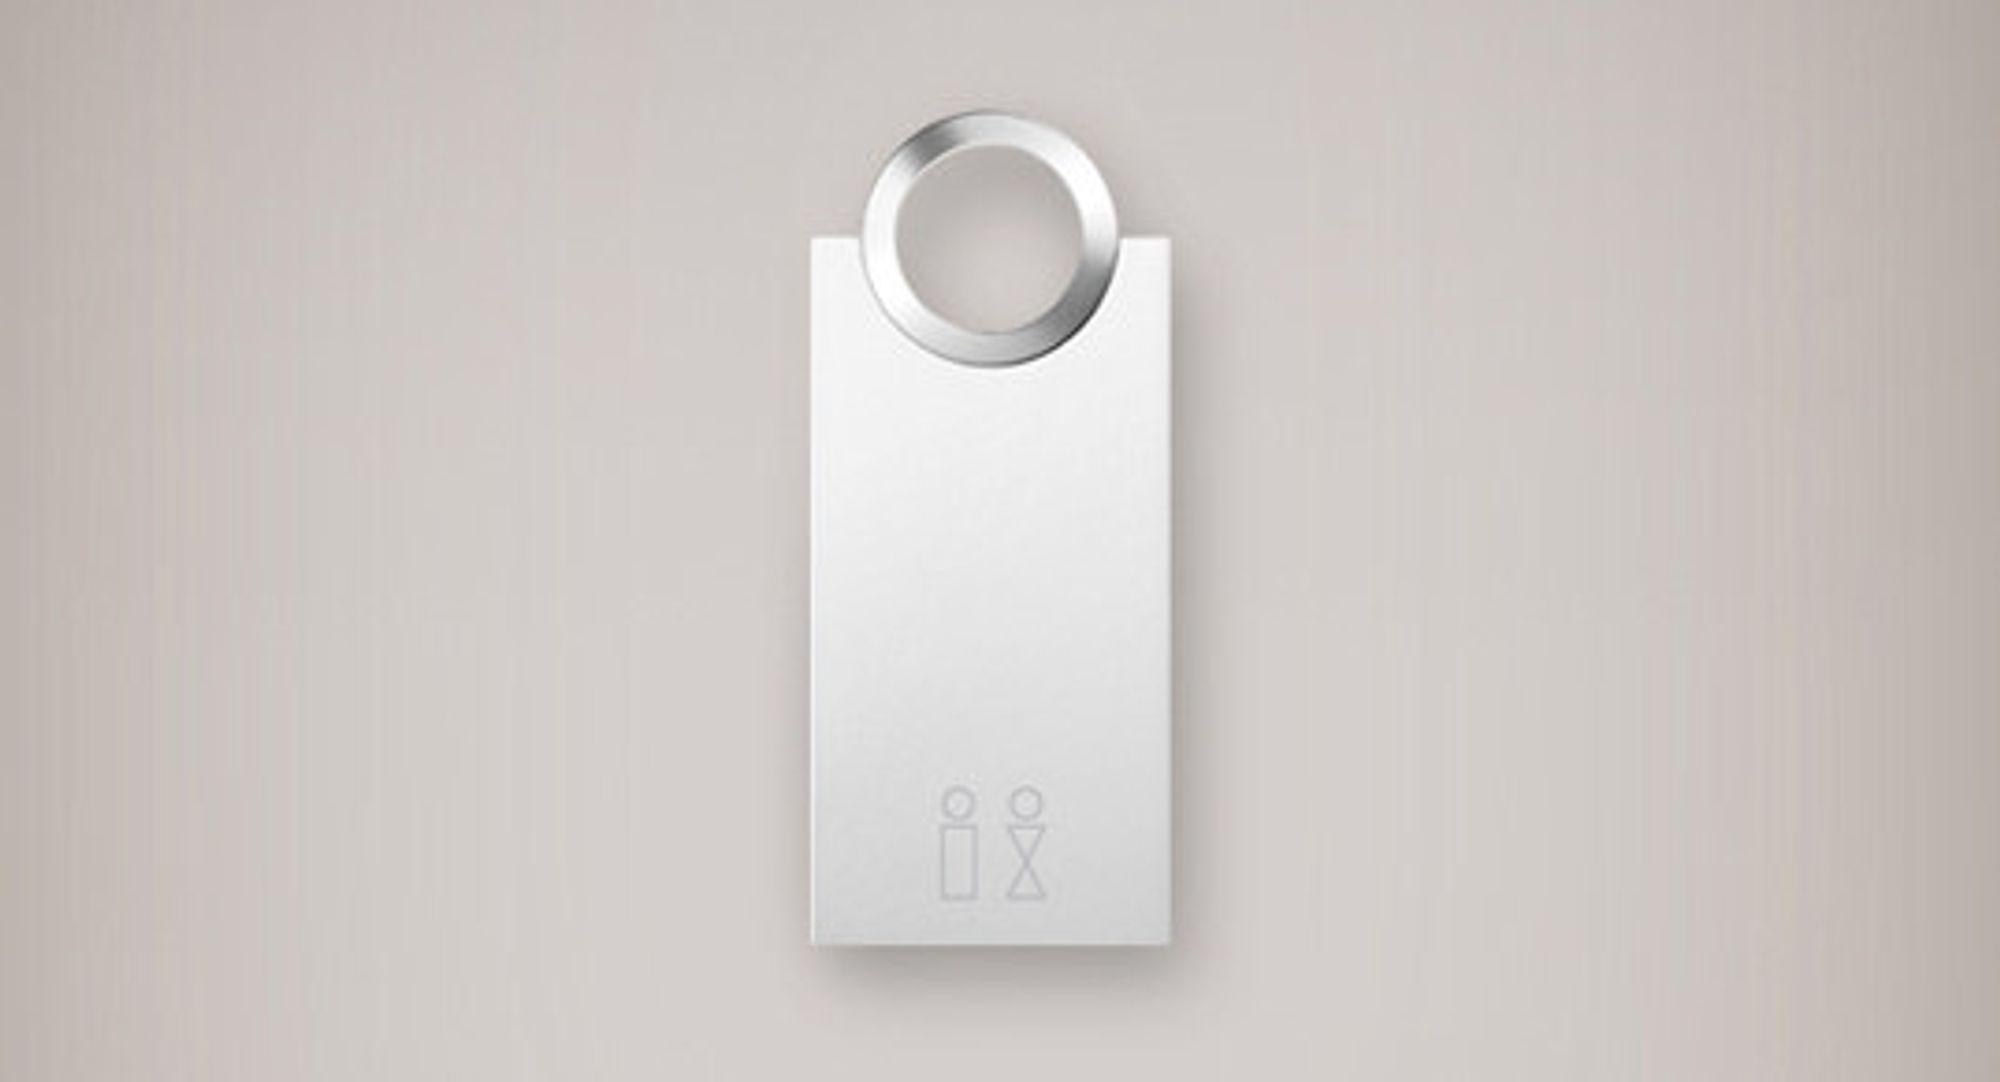 Cowon E2: Kompakt og enkel med 2 eller 4 GB